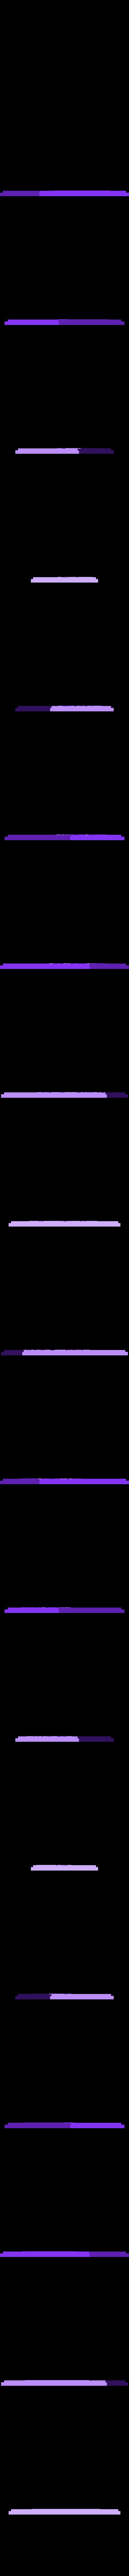 12_Flag.STL Télécharger fichier STL gratuit Plaque du 12e homme de Seattle • Plan imprimable en 3D, Bolrod